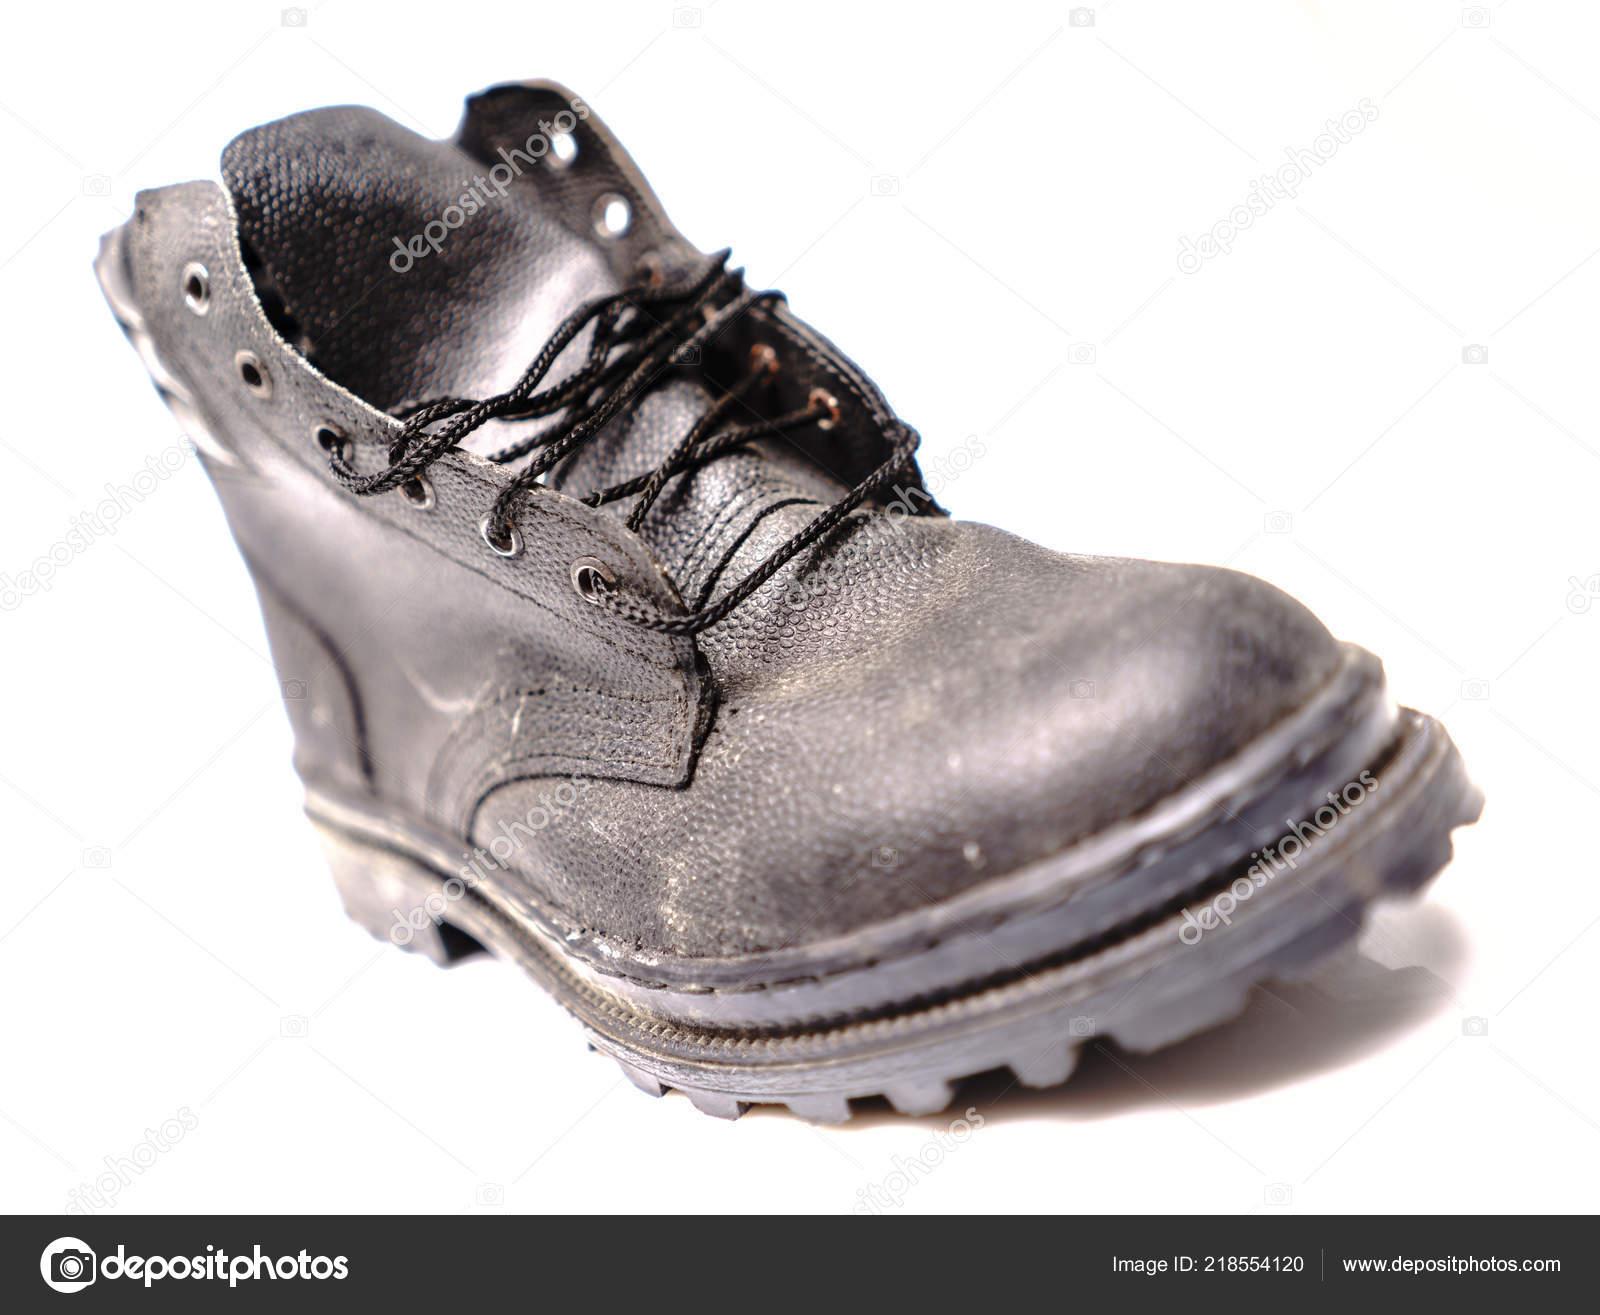 79ebf8df2a126 Sapatos de proteção trabalhador — Stock Photo © Supertrooper  218554120